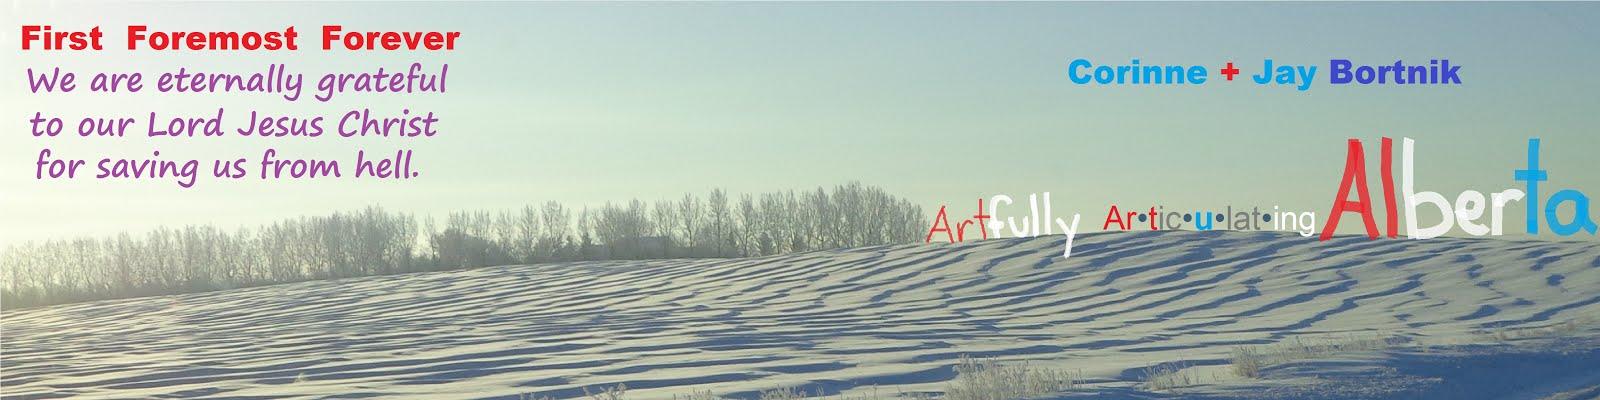 Corinne + Jay Bortnik  ... Artfully Ar.tic.u.lat.ing Alberta